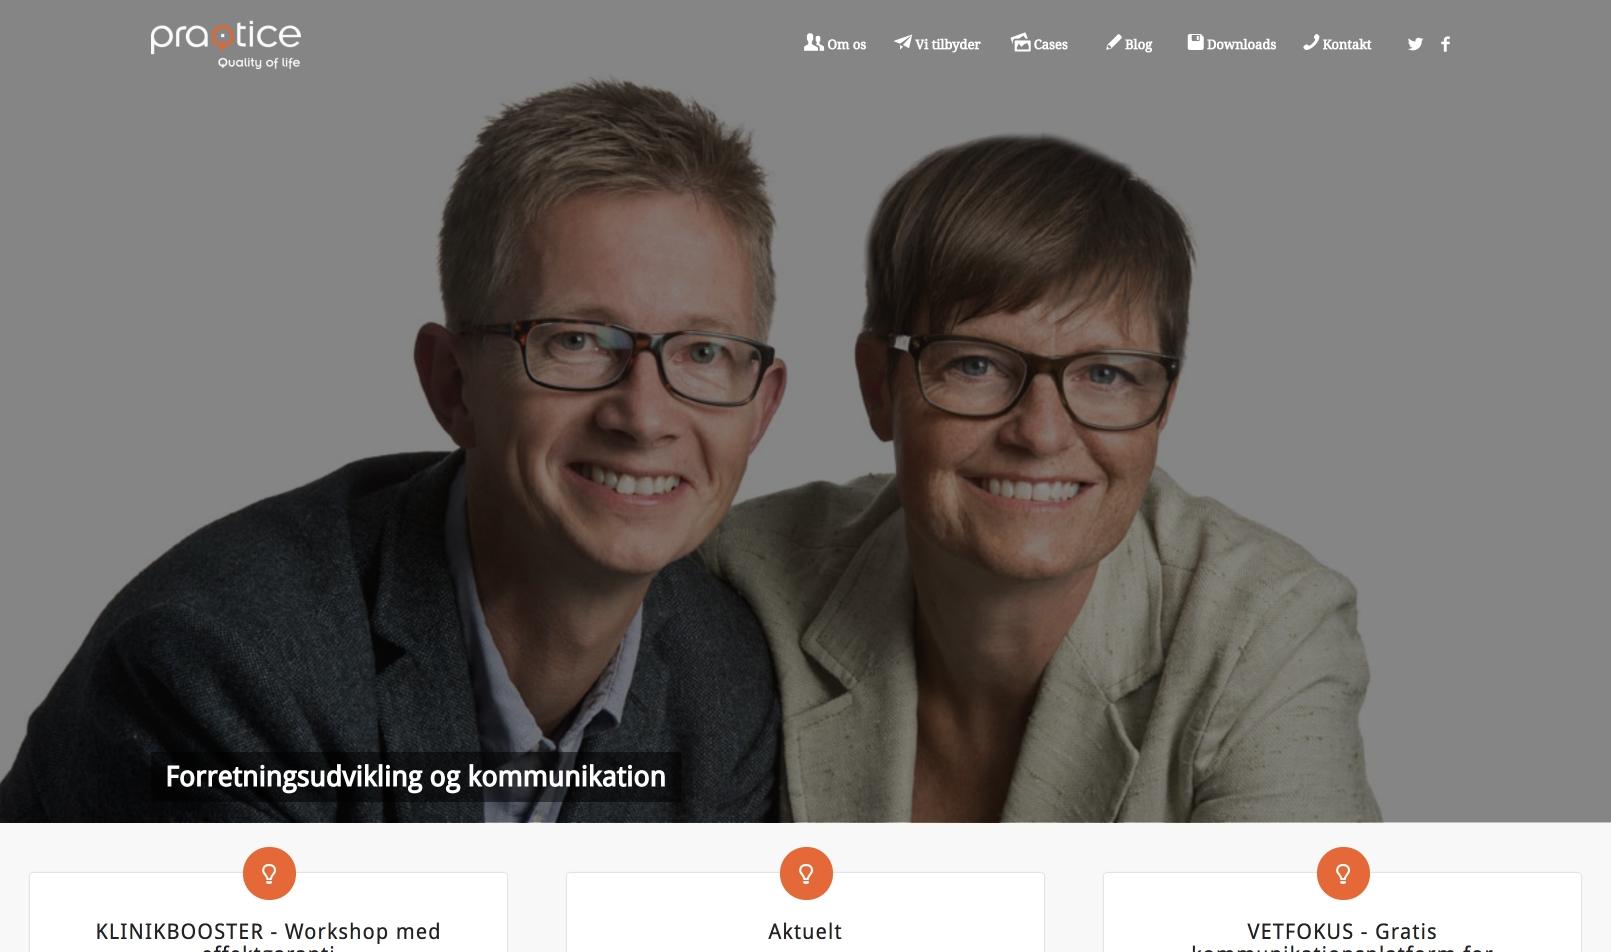 Создание сайта для датской консалтинговой компании